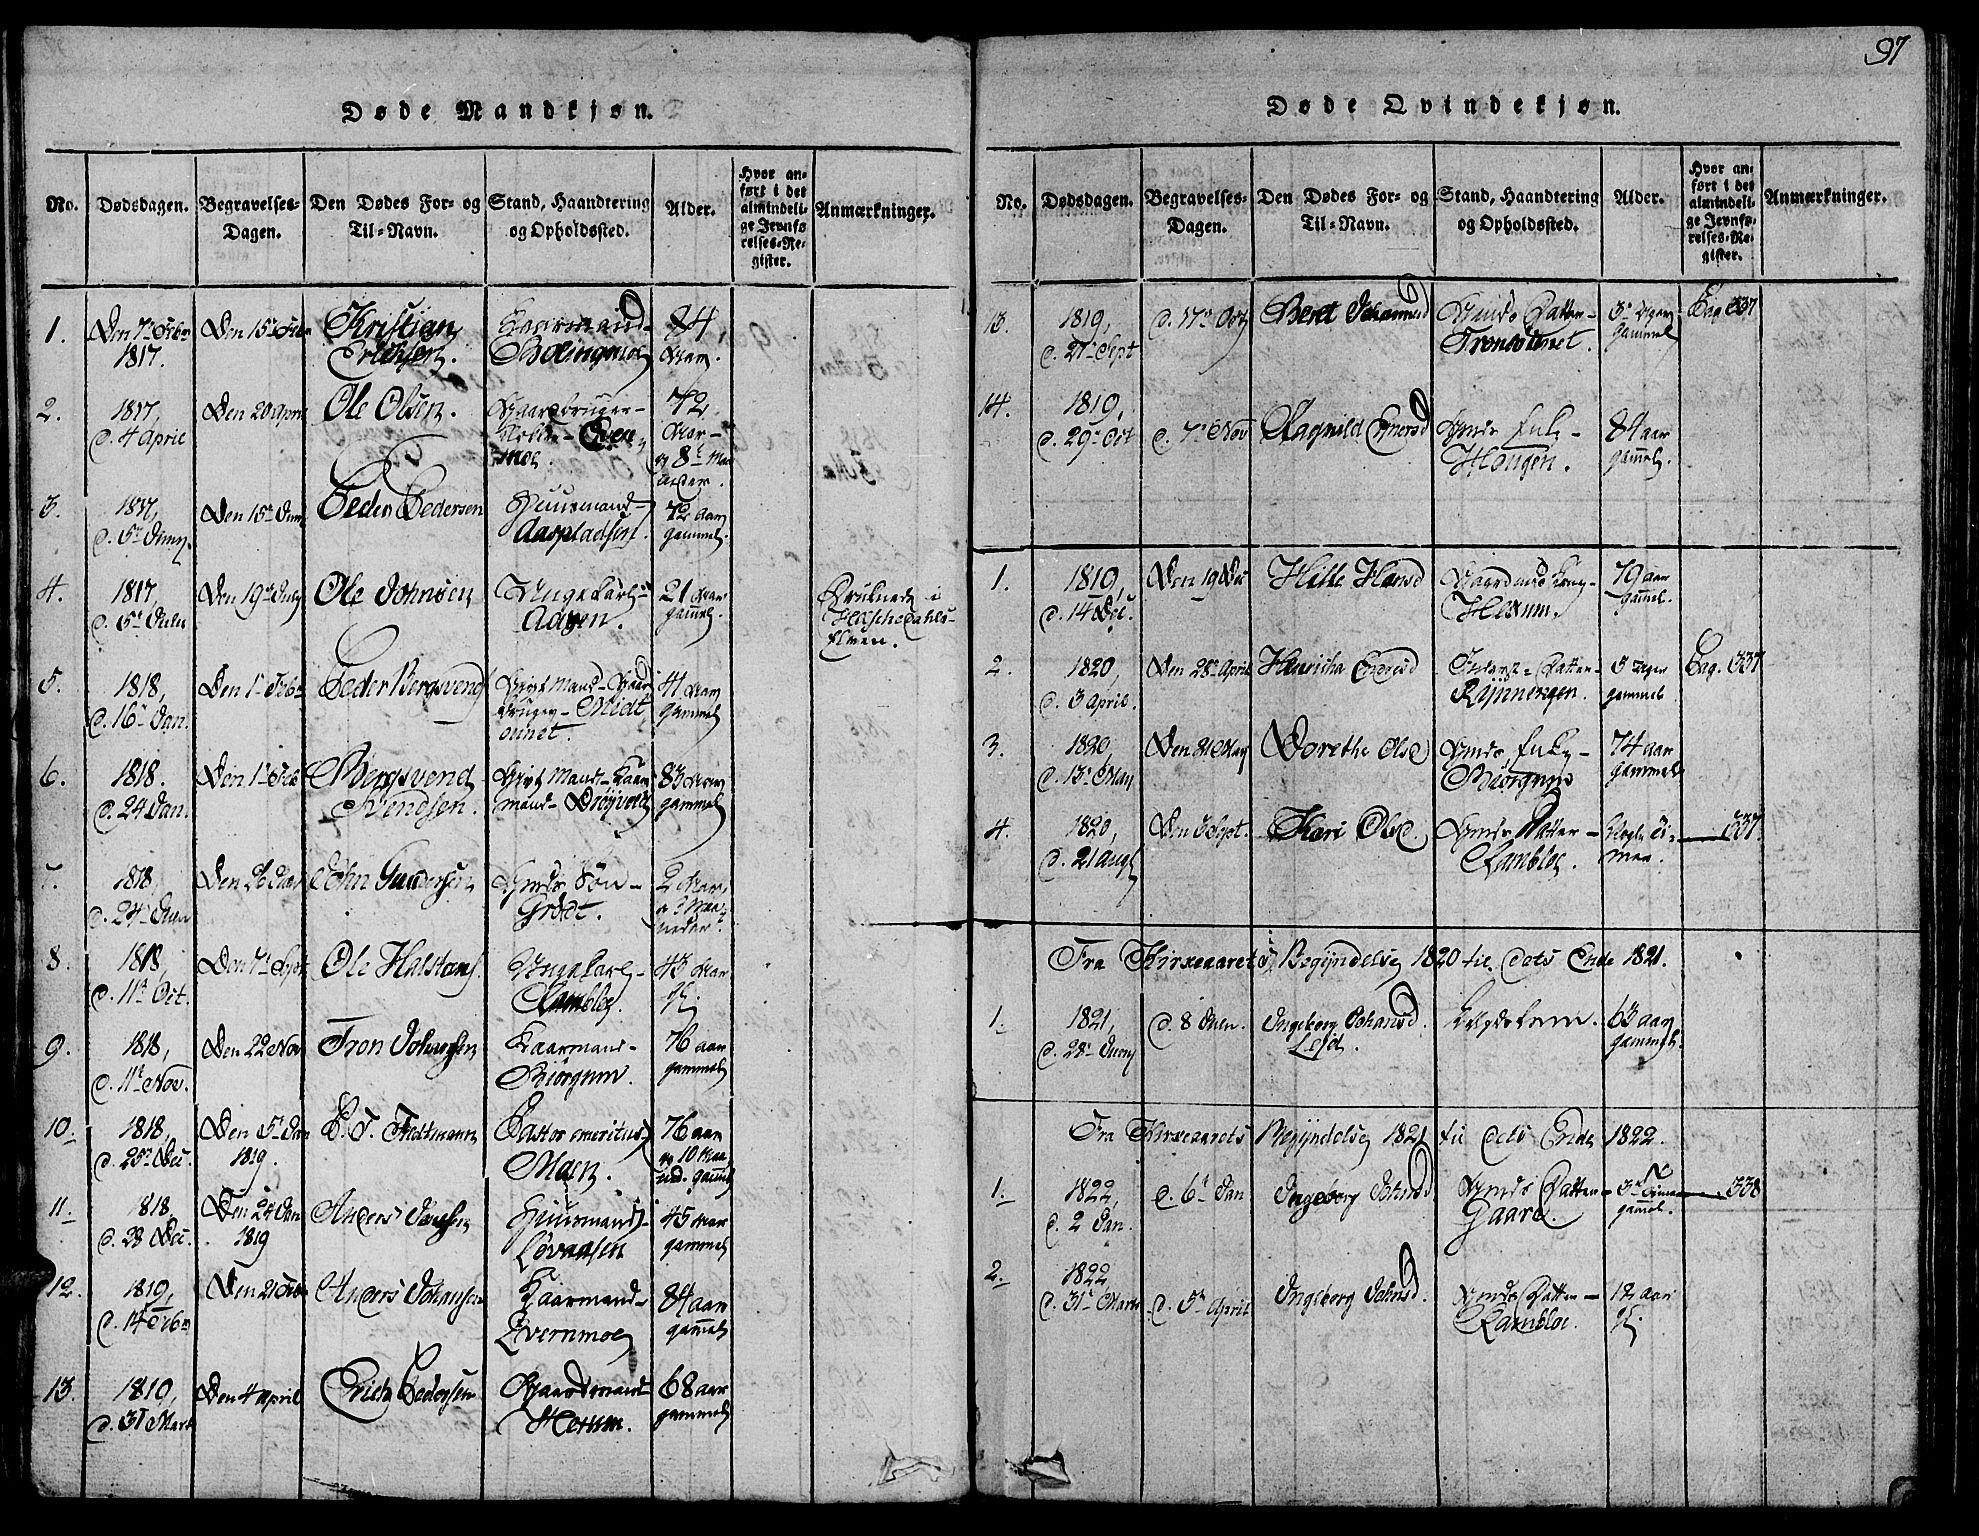 SAT, Ministerialprotokoller, klokkerbøker og fødselsregistre - Sør-Trøndelag, 685/L0954: Ministerialbok nr. 685A03 /1, 1817-1829, s. 97